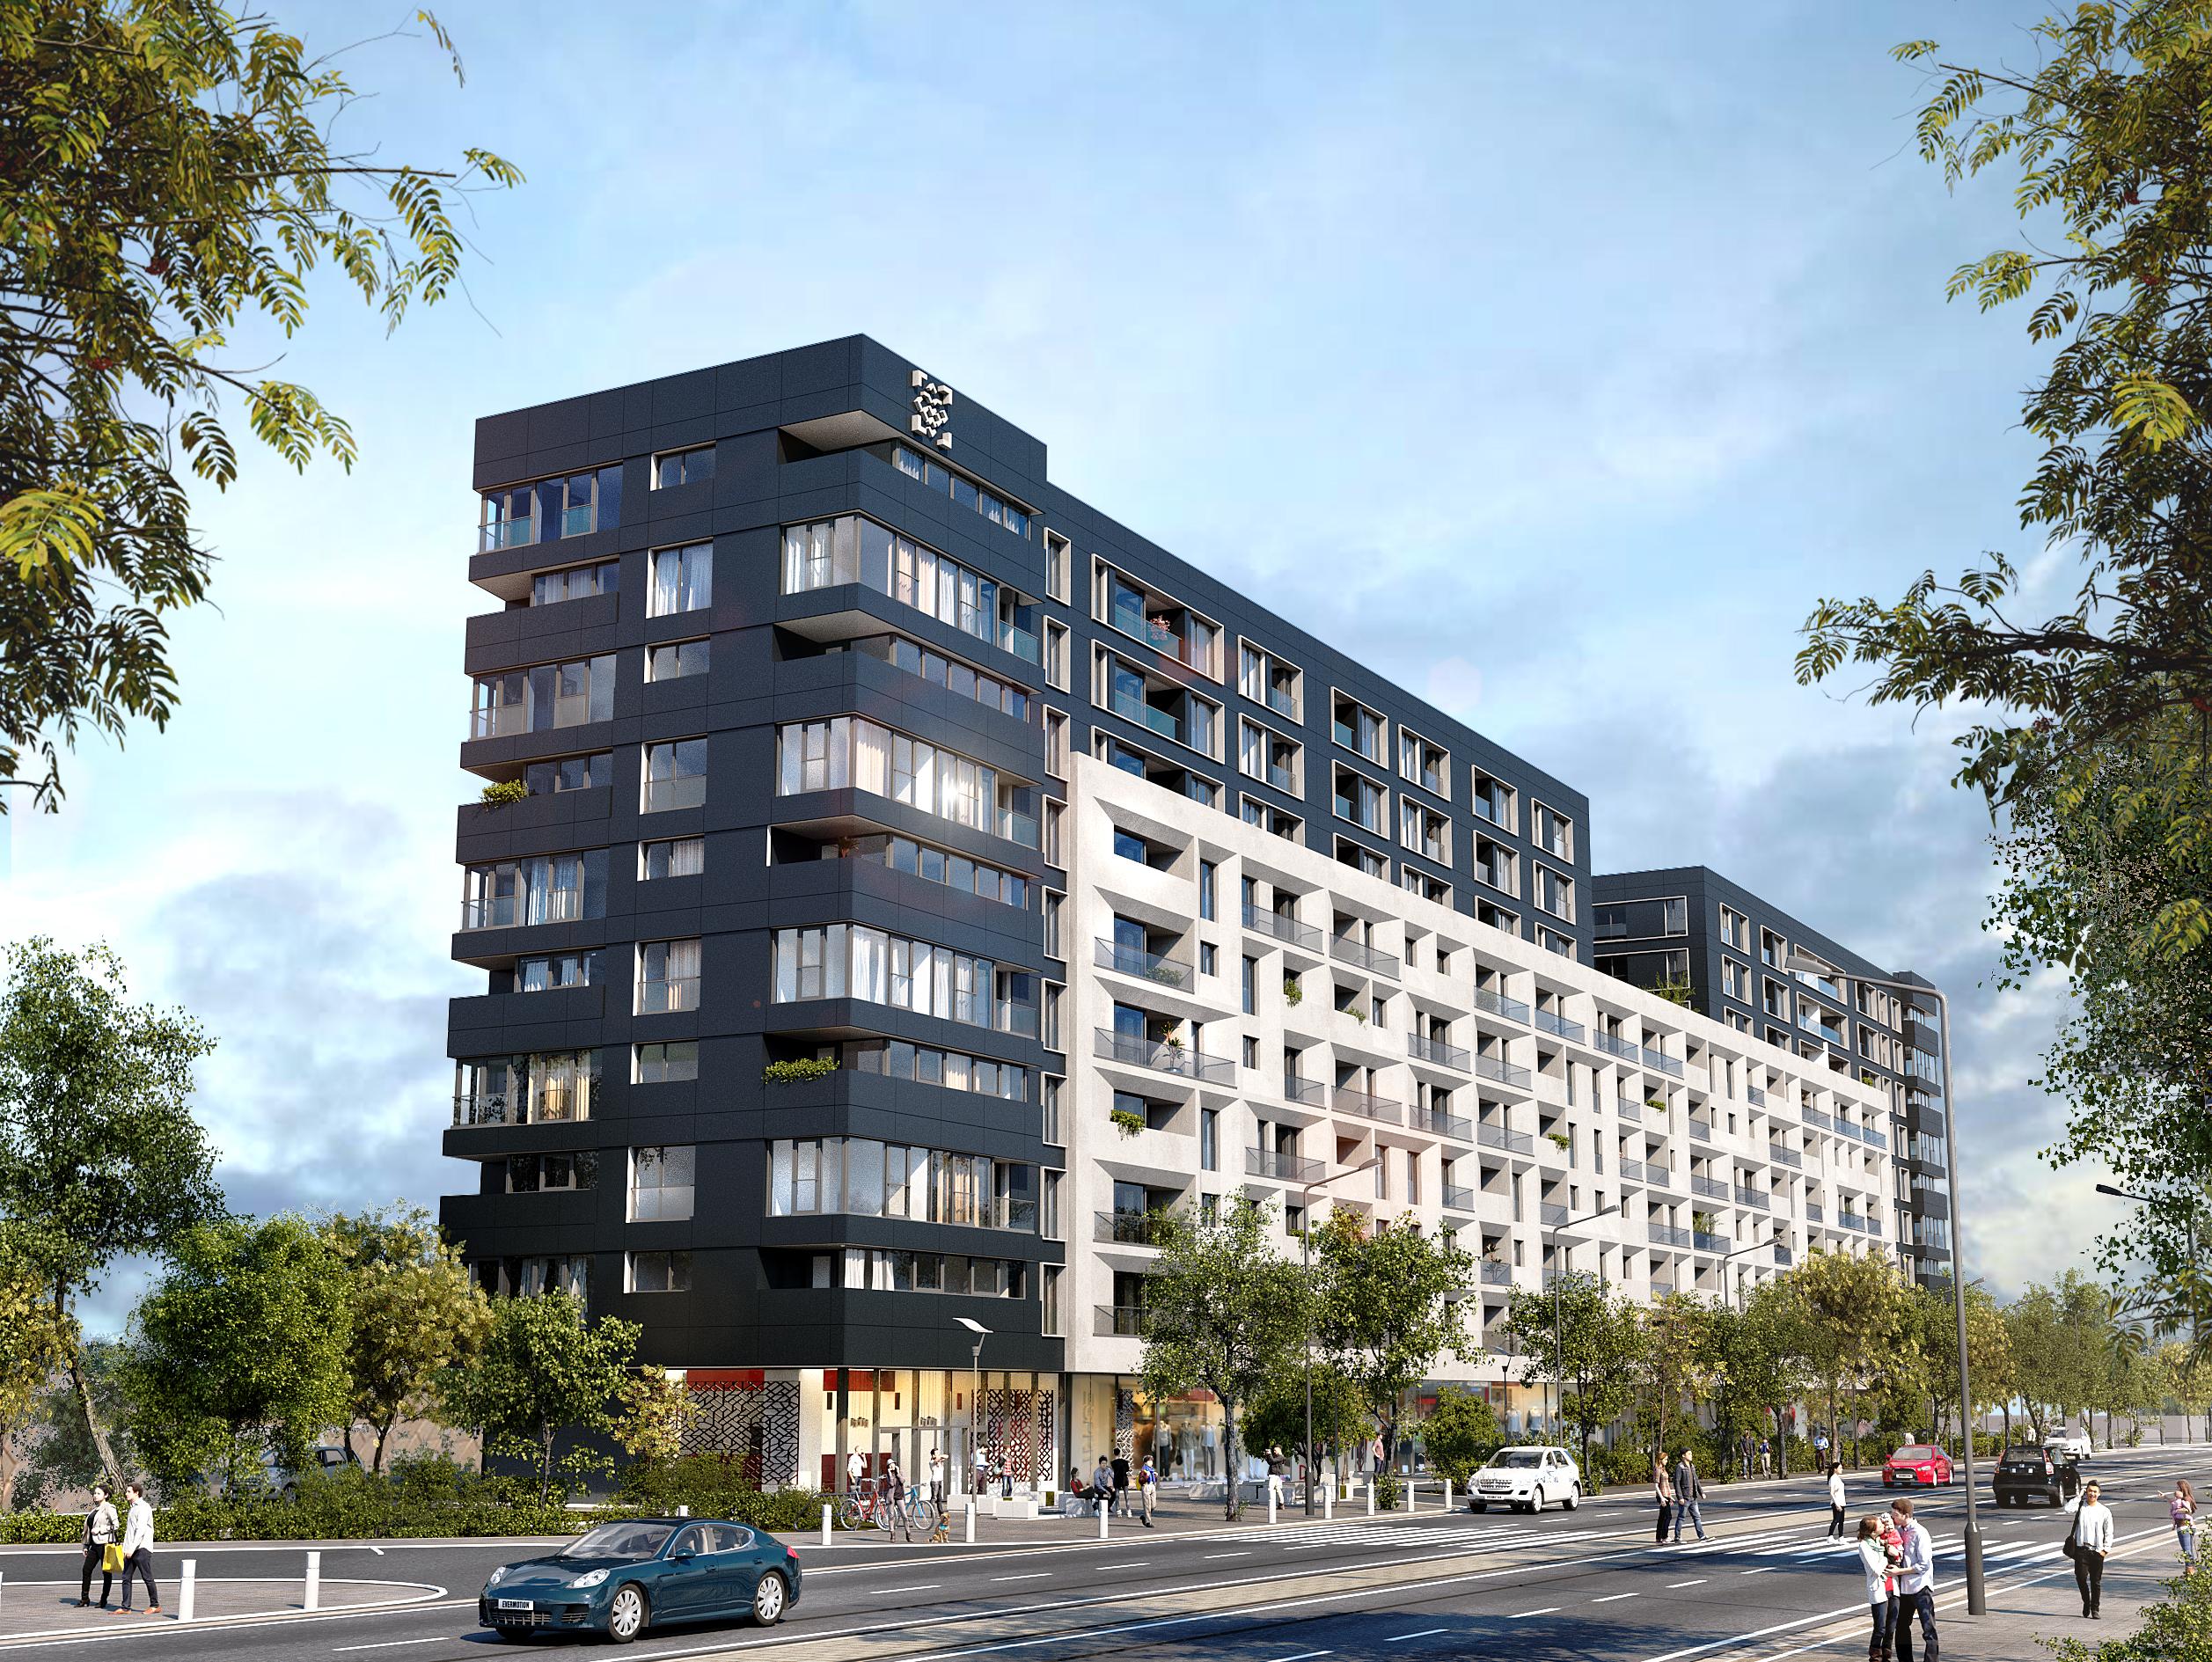 102 THE ADRESS apartamente moderne pentru corporatistii din nordul Capitalei